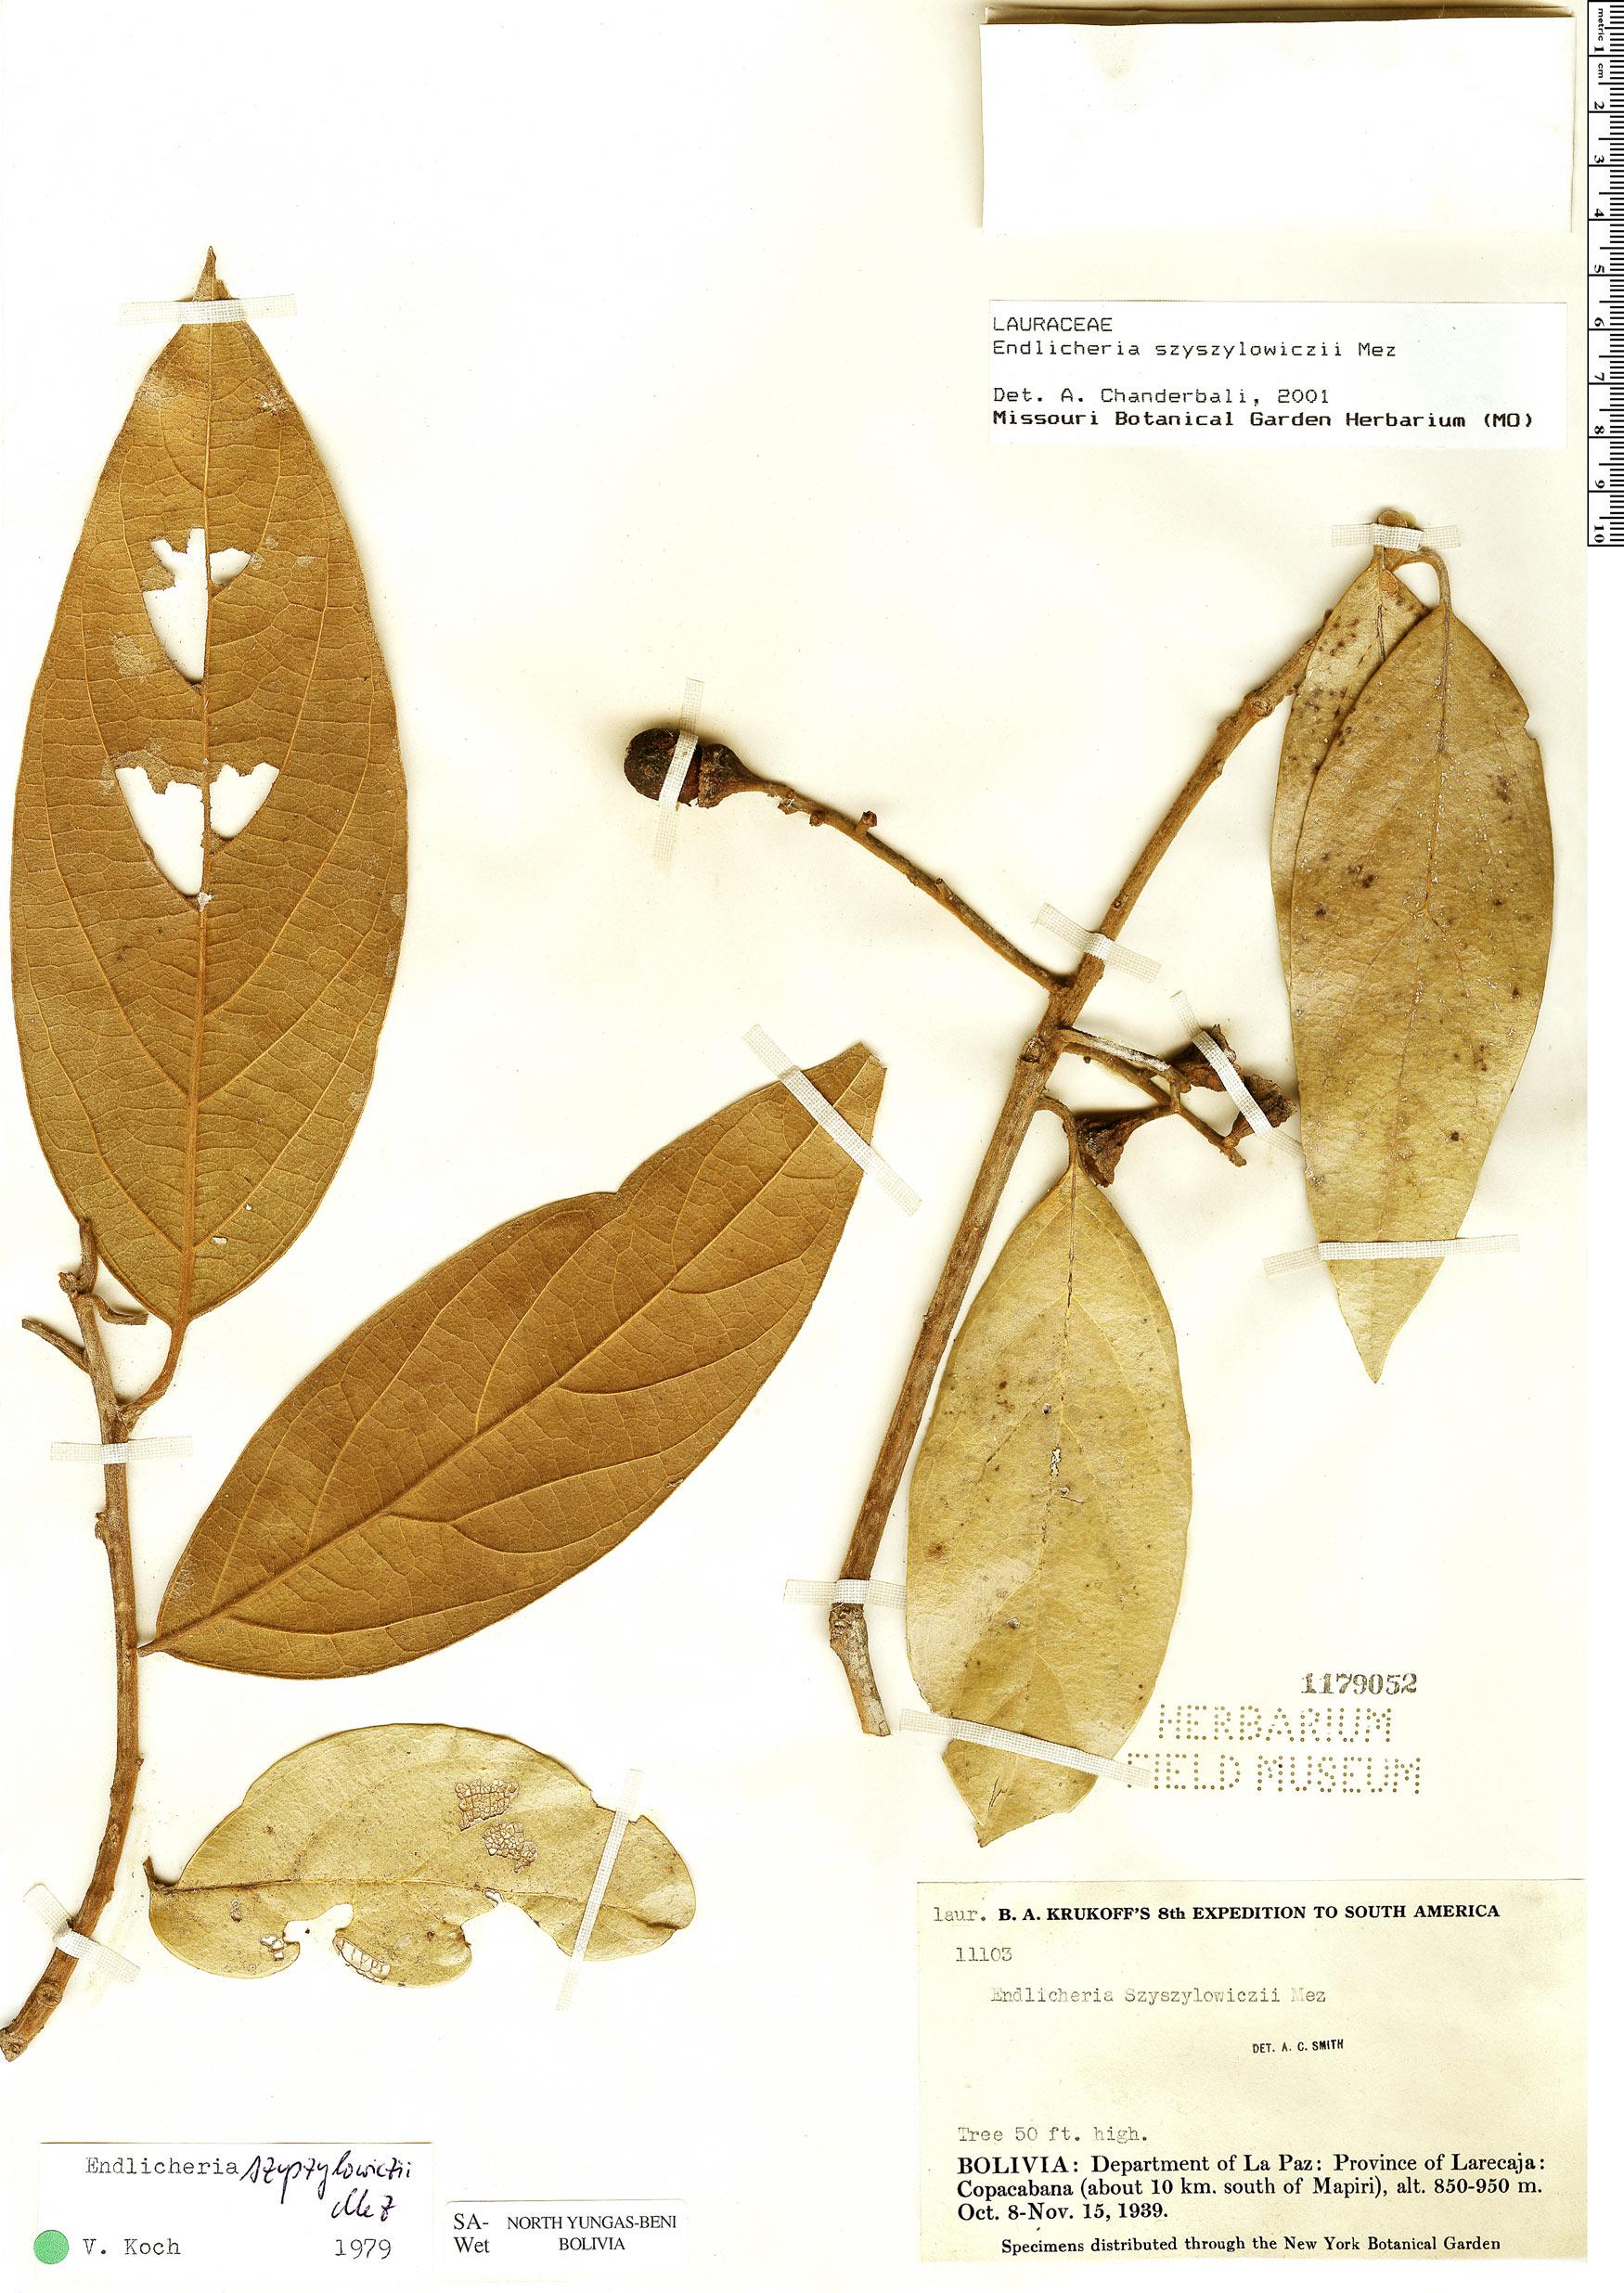 Specimen: Endlicheria szyszylowiczii